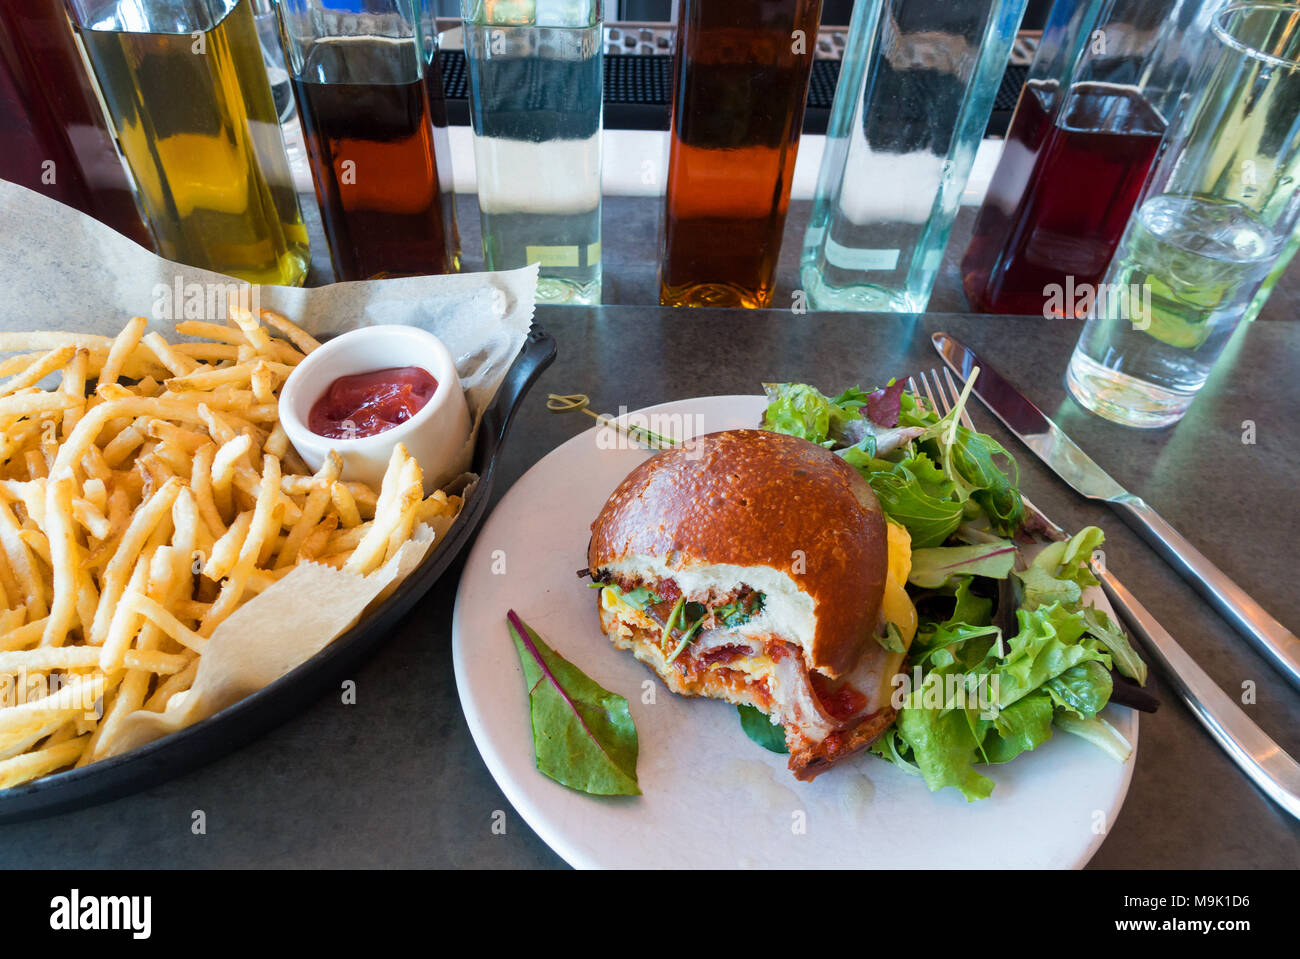 Sandwich œuf et bacon grillé sur un rouleau avec mélange de salade de légumes verts Photo Stock